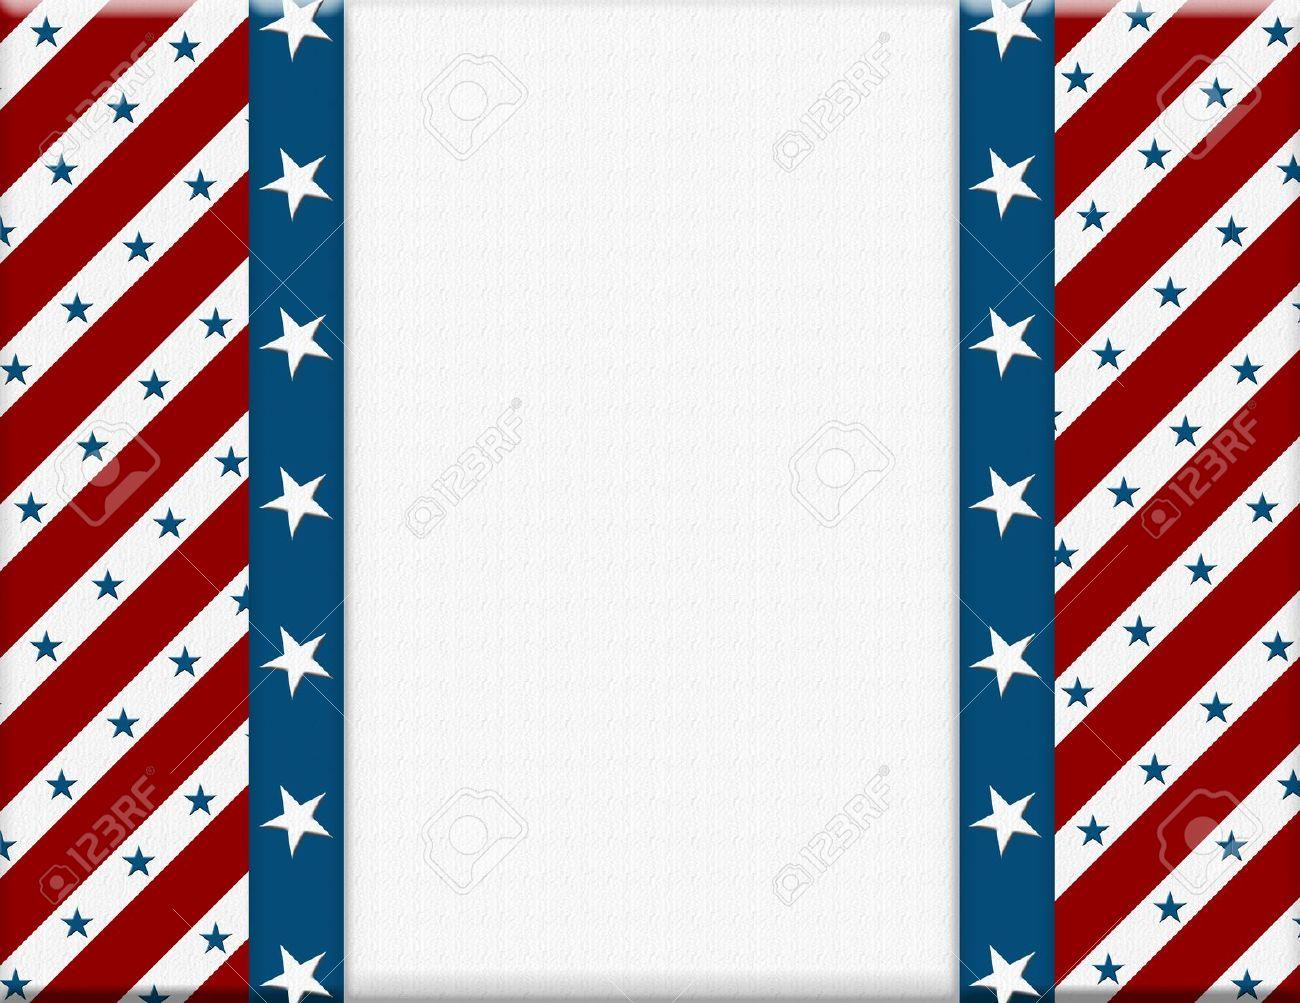 Rojo Y Marco Blanco Celebración Estadounidense Para Su Mensaje O ...